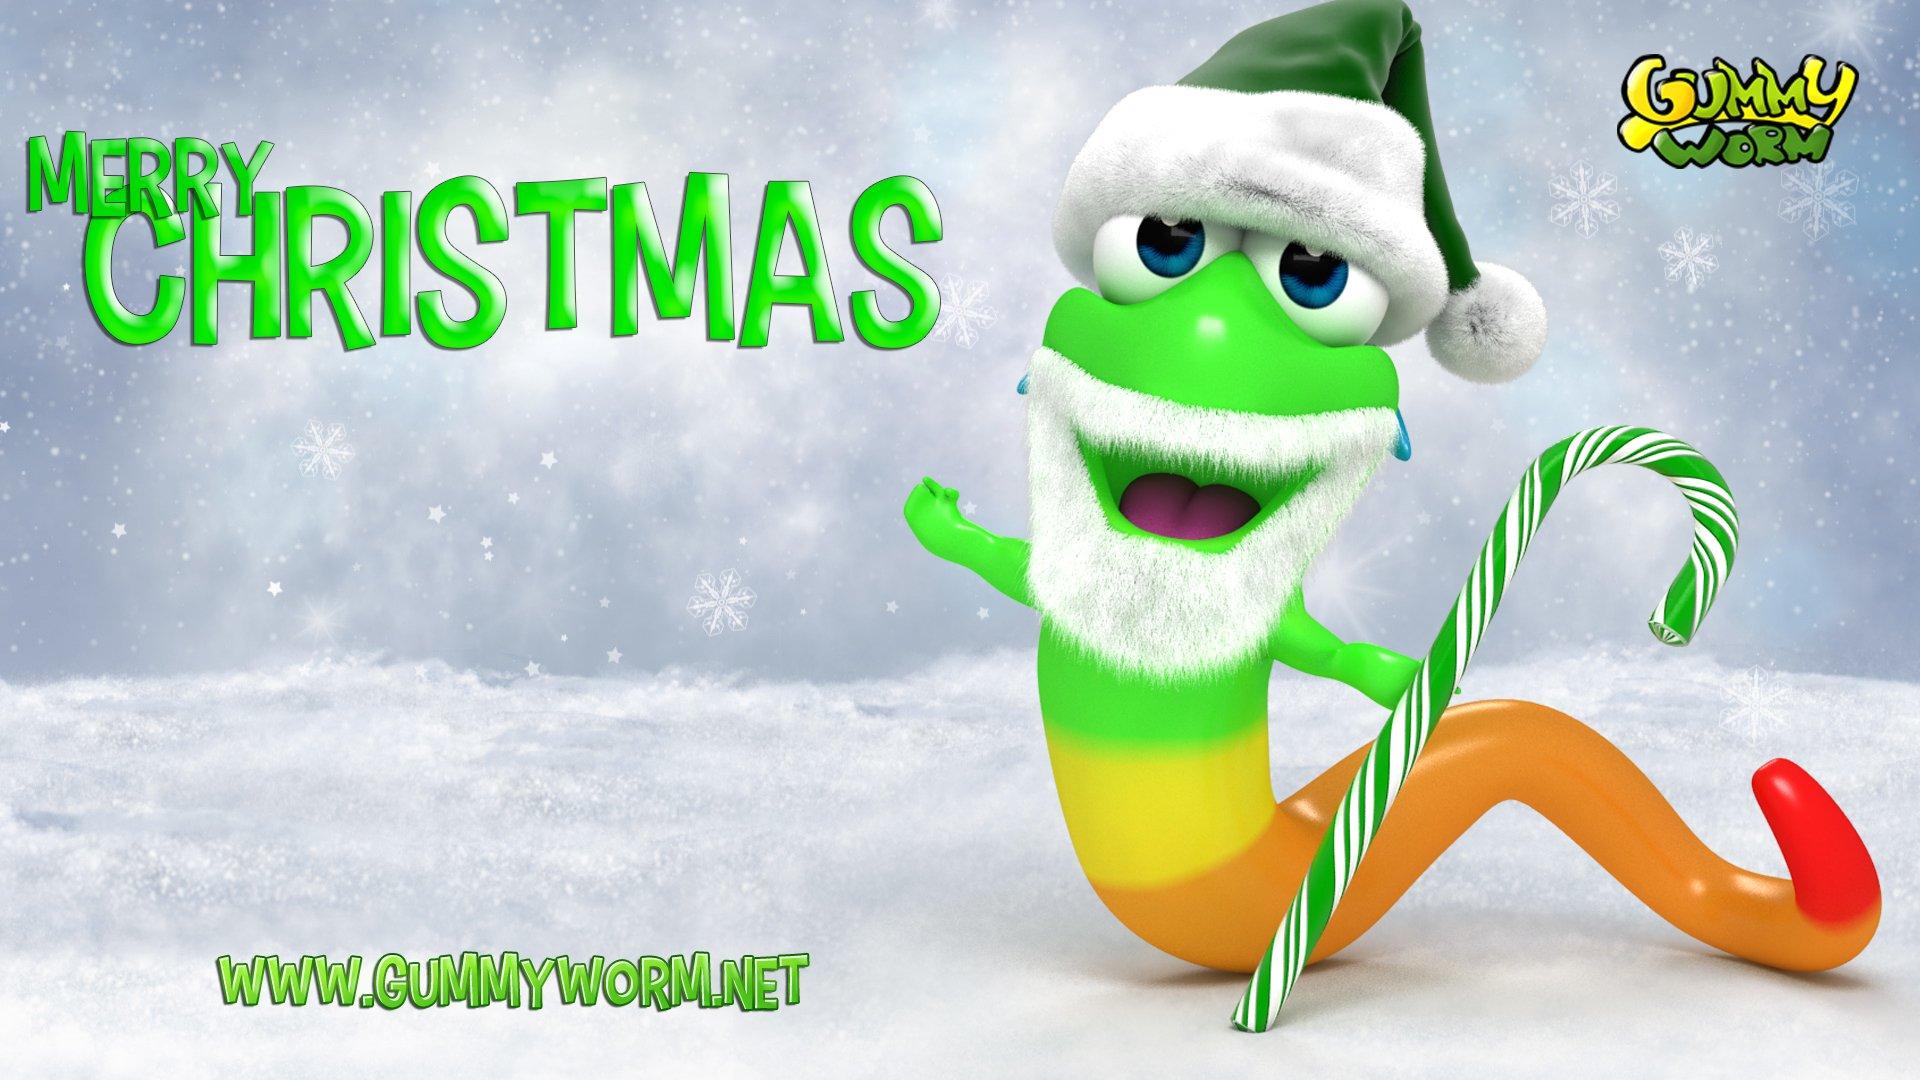 Gummy Santa - Gummy Worm